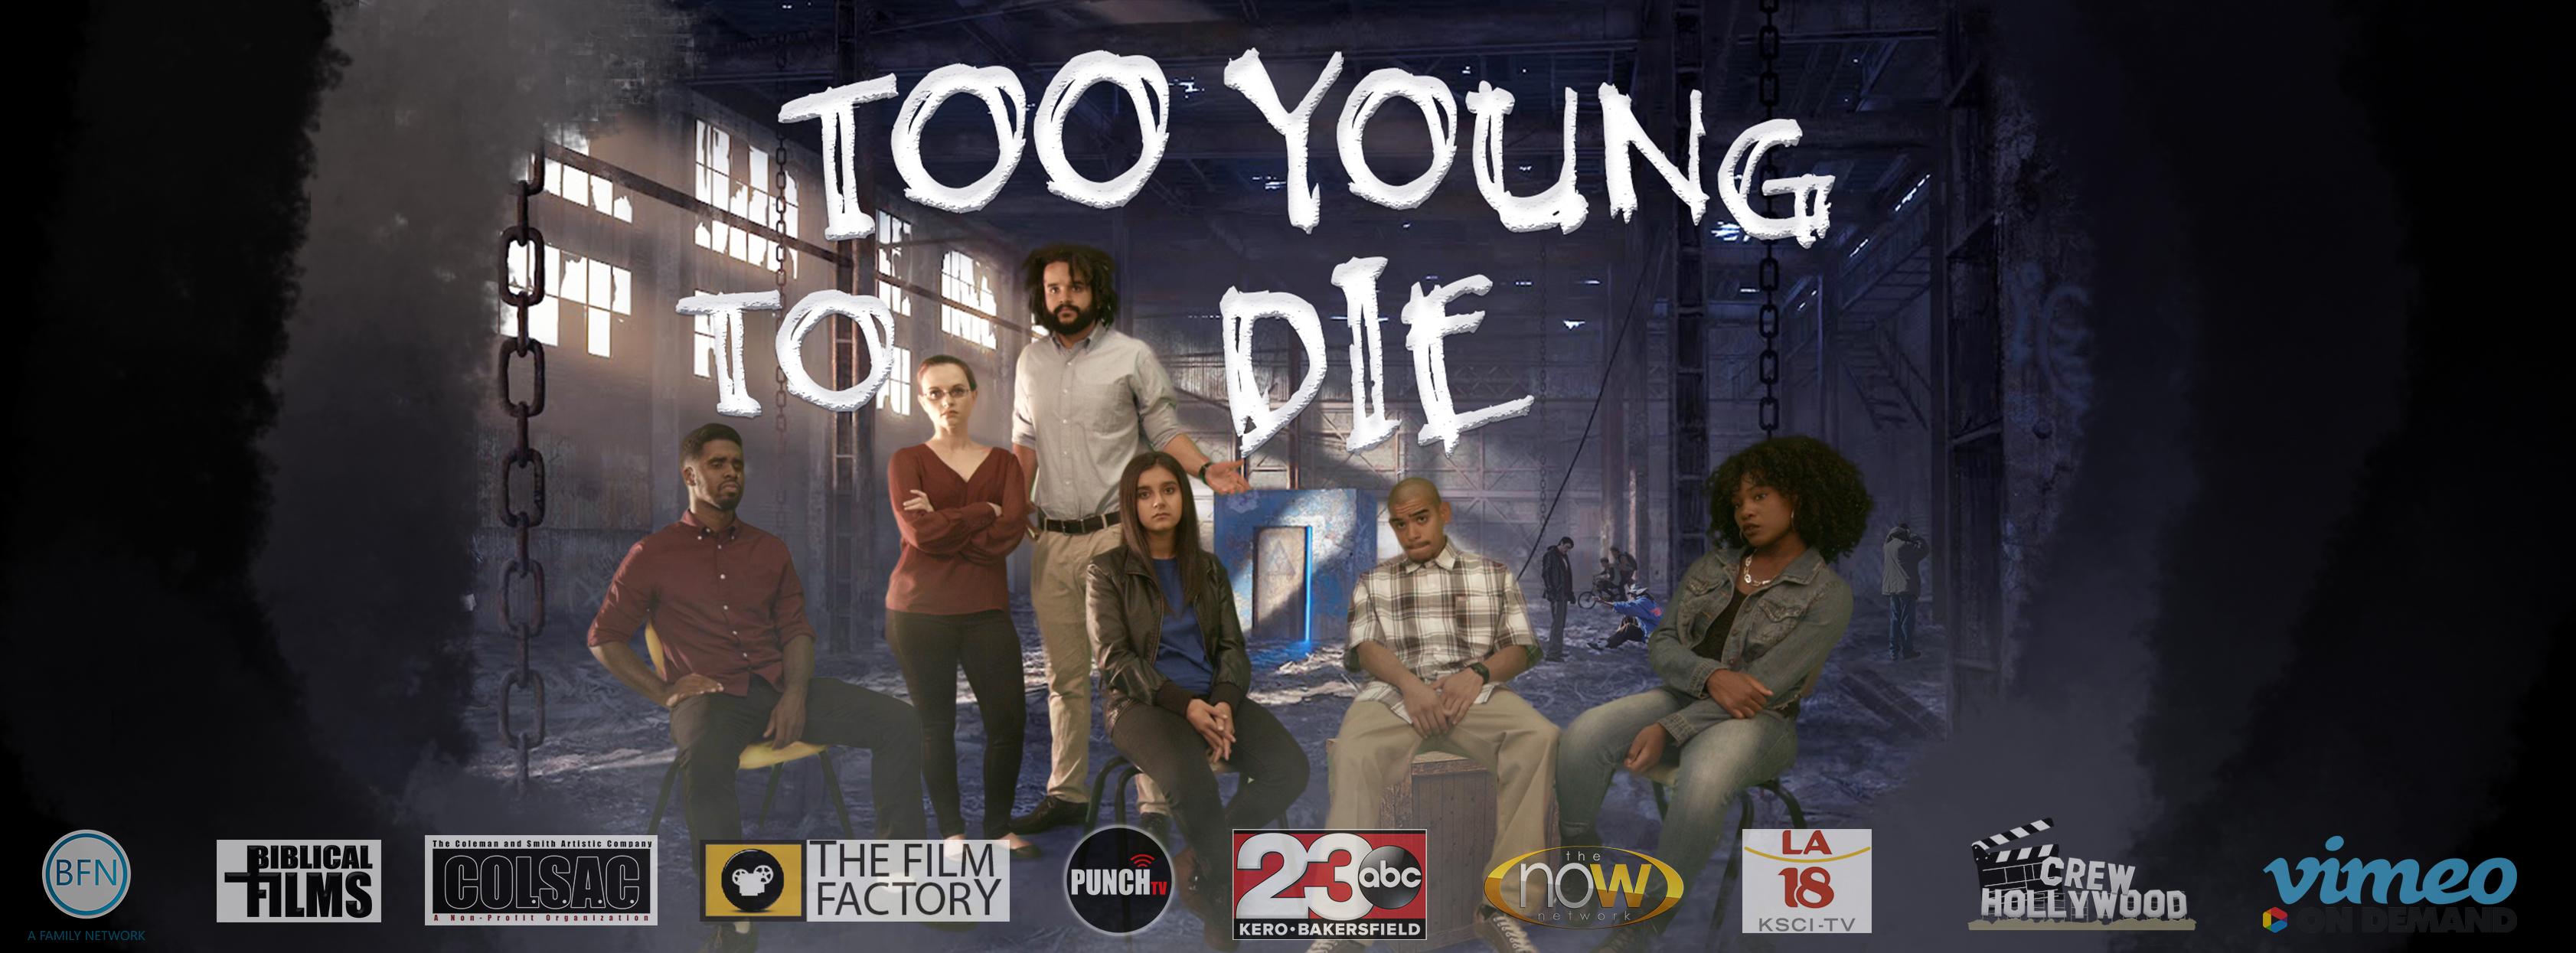 Too Young To Die_Splash_01.jpg